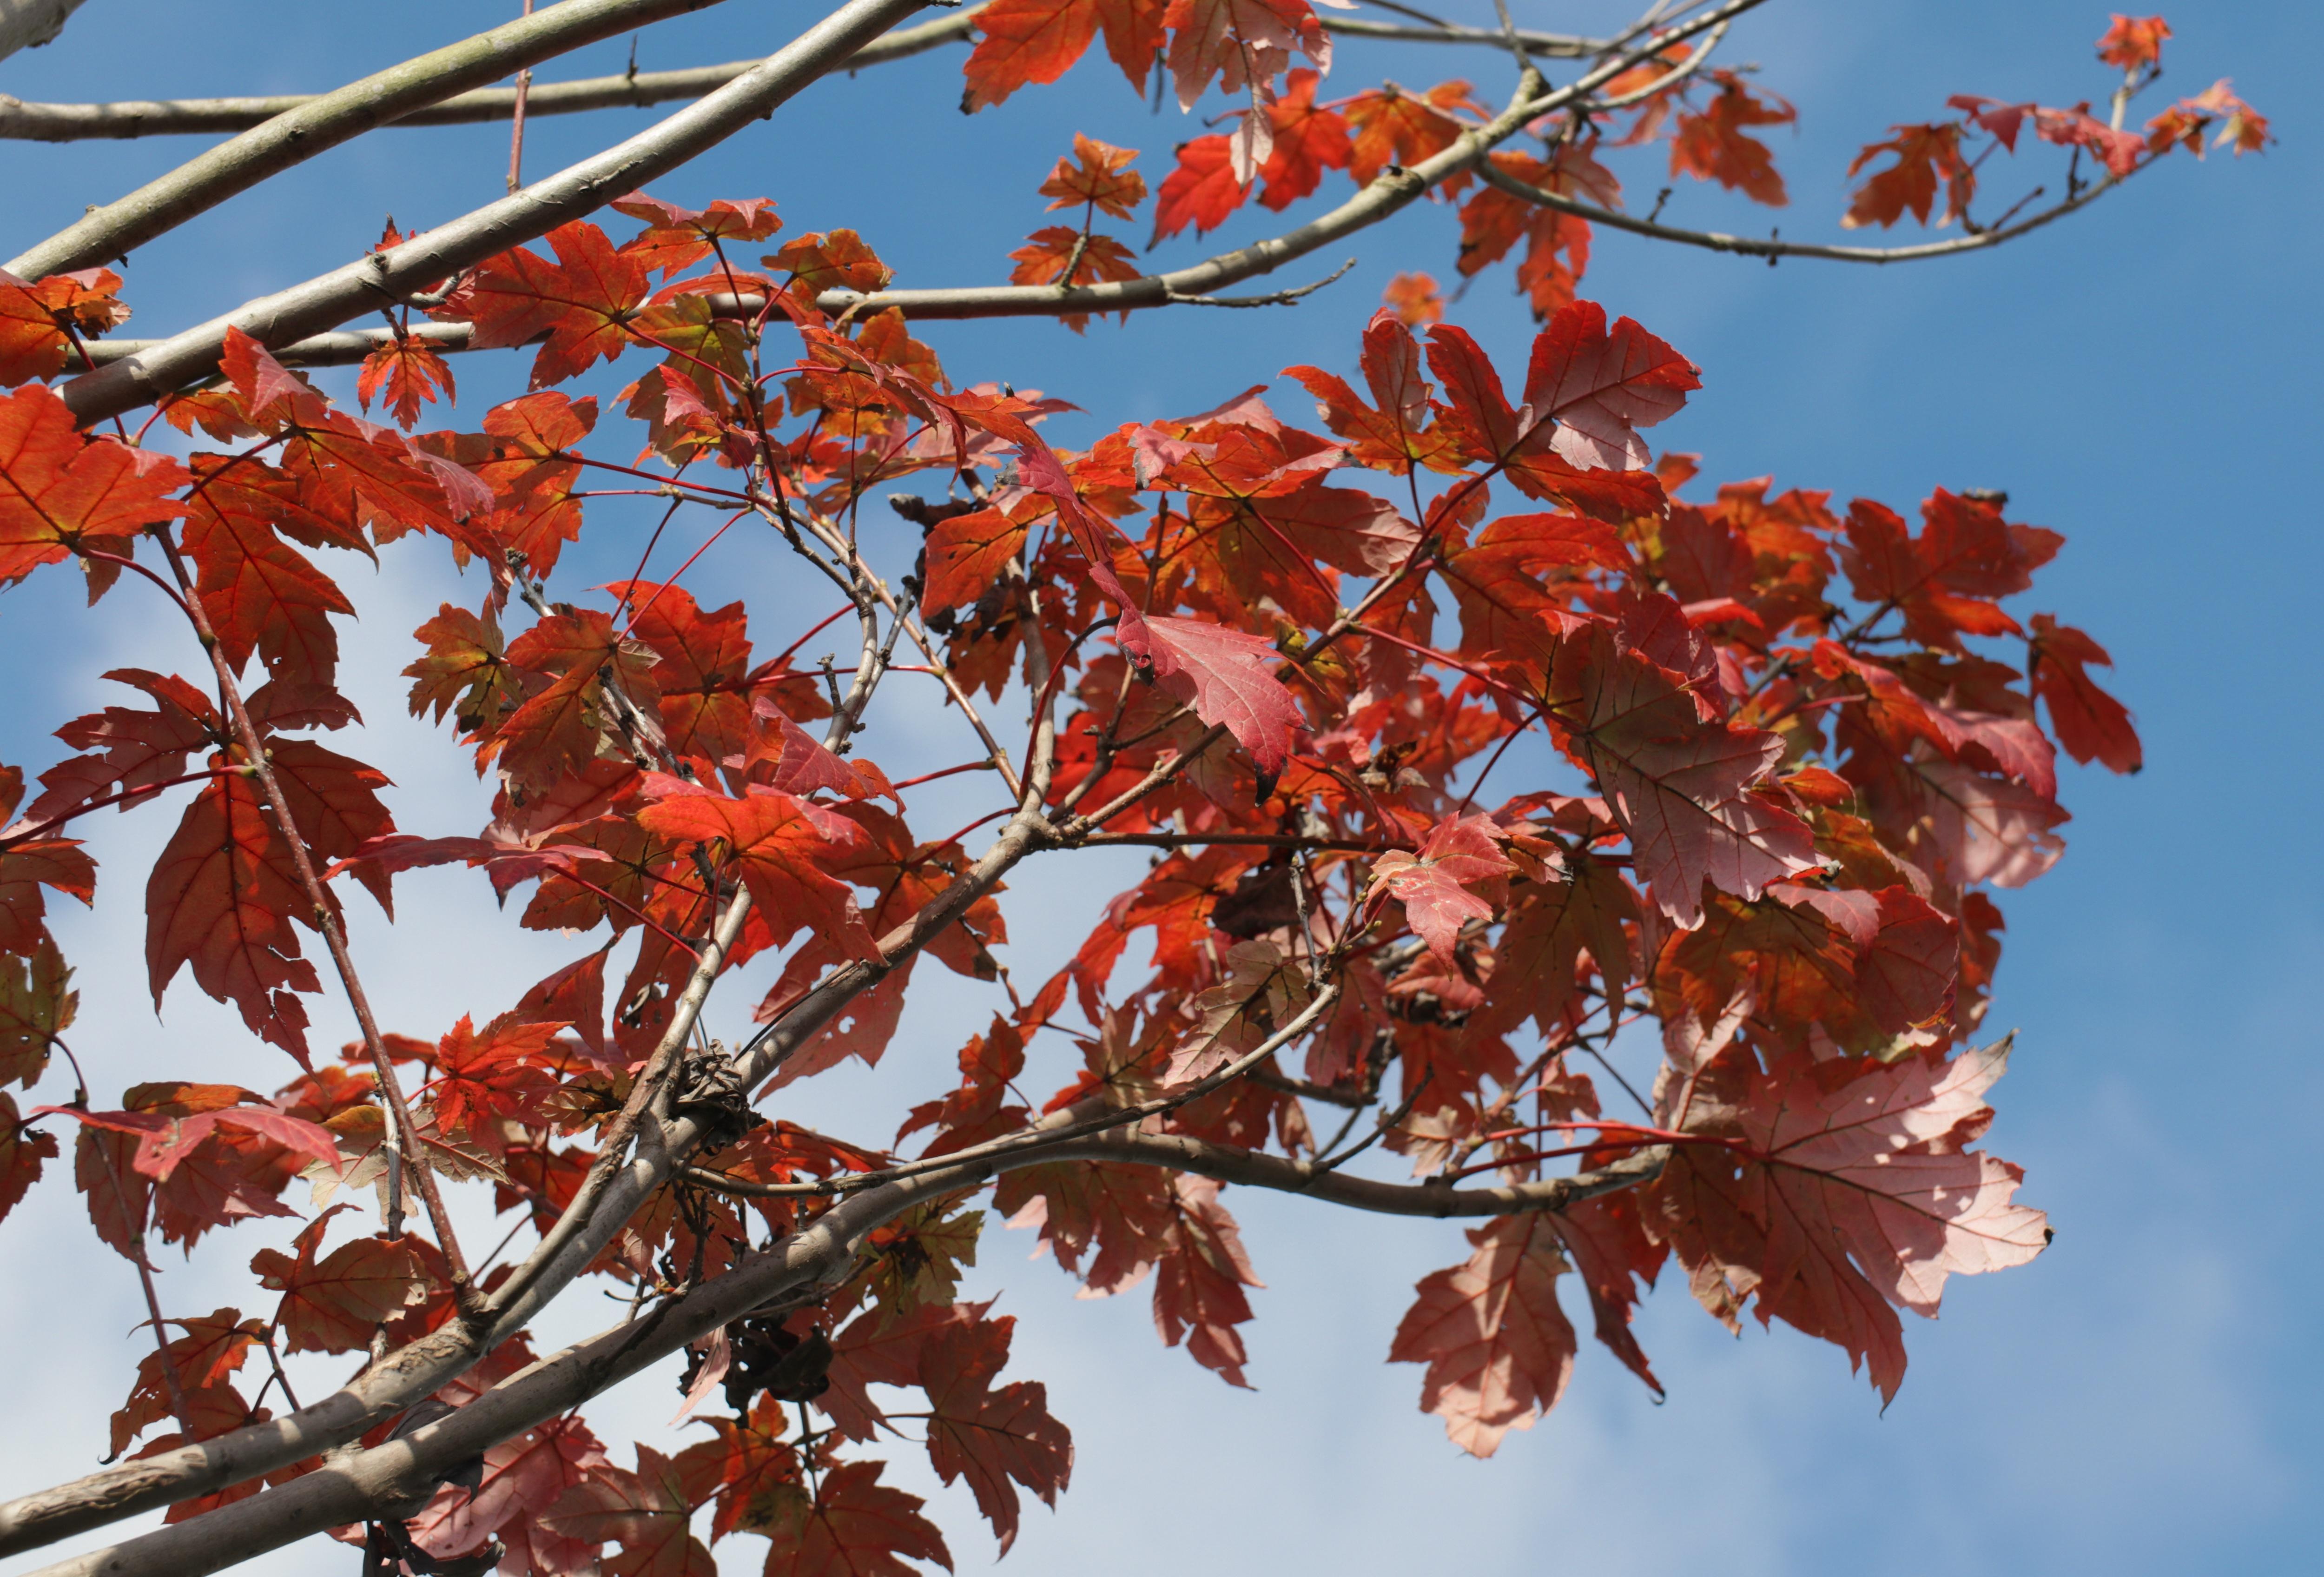 Ngắm phong lá đỏ chuyển màu rực rỡ ở cao nguyên đá vôi cao thứ 2 Việt Nam - 3